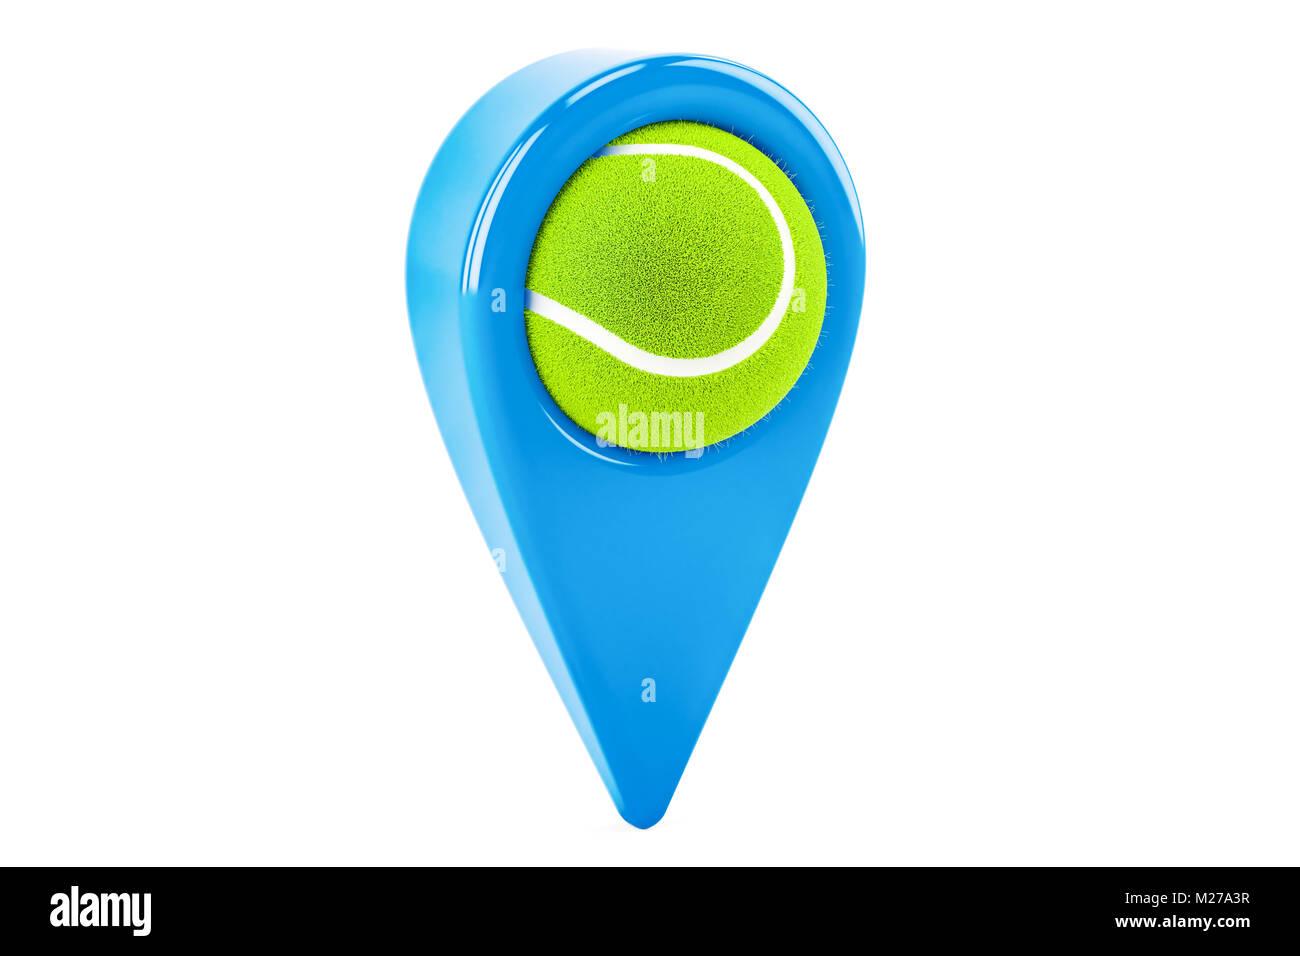 Mapa Con Un Puntero Ubicación: Tennis Icon Sign Symbol On Imágenes De Stock & Tennis